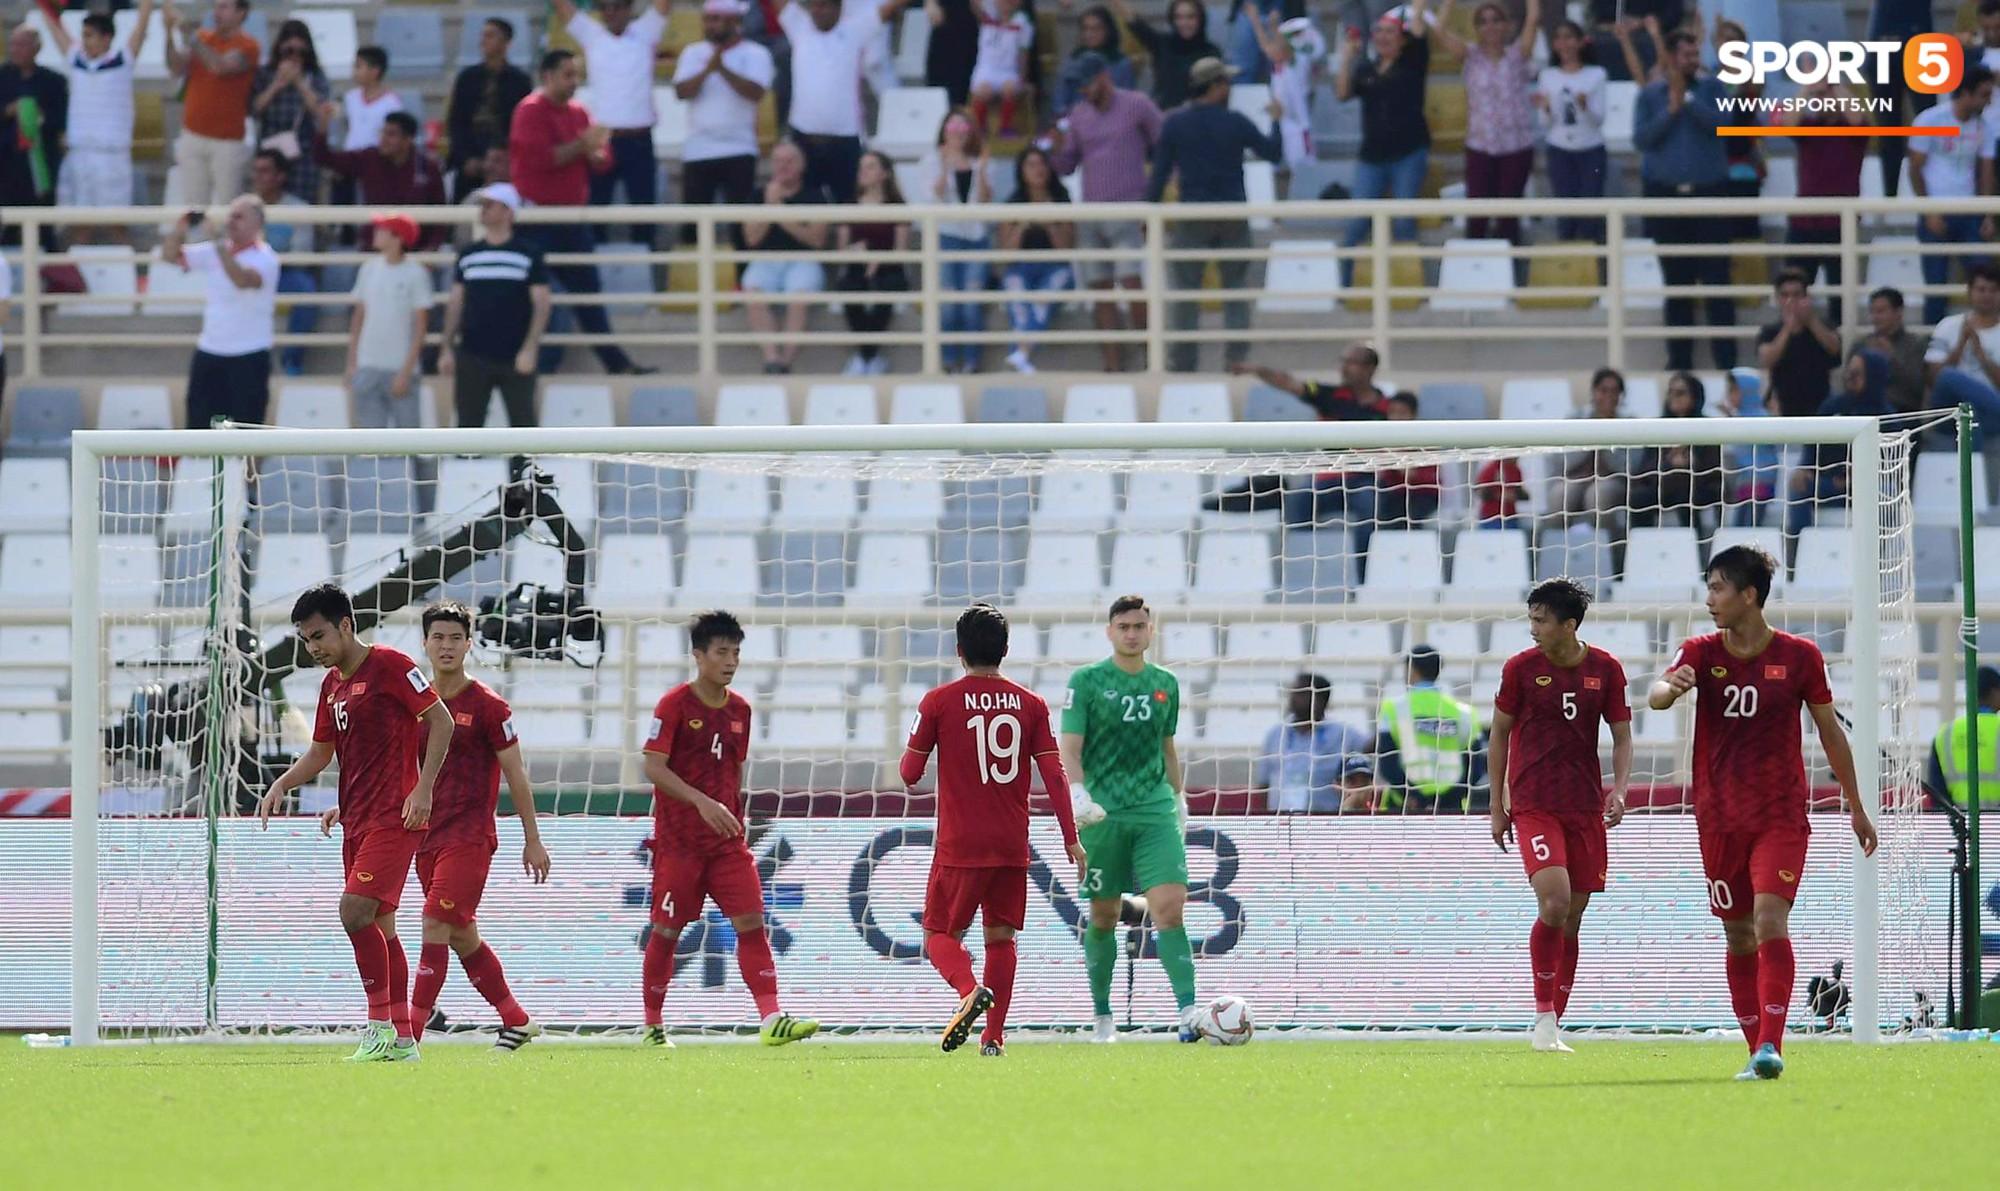 Quang Hải hét lớn, hô hào đồng đội đứng dậy sau bàn thua - Ảnh 4.